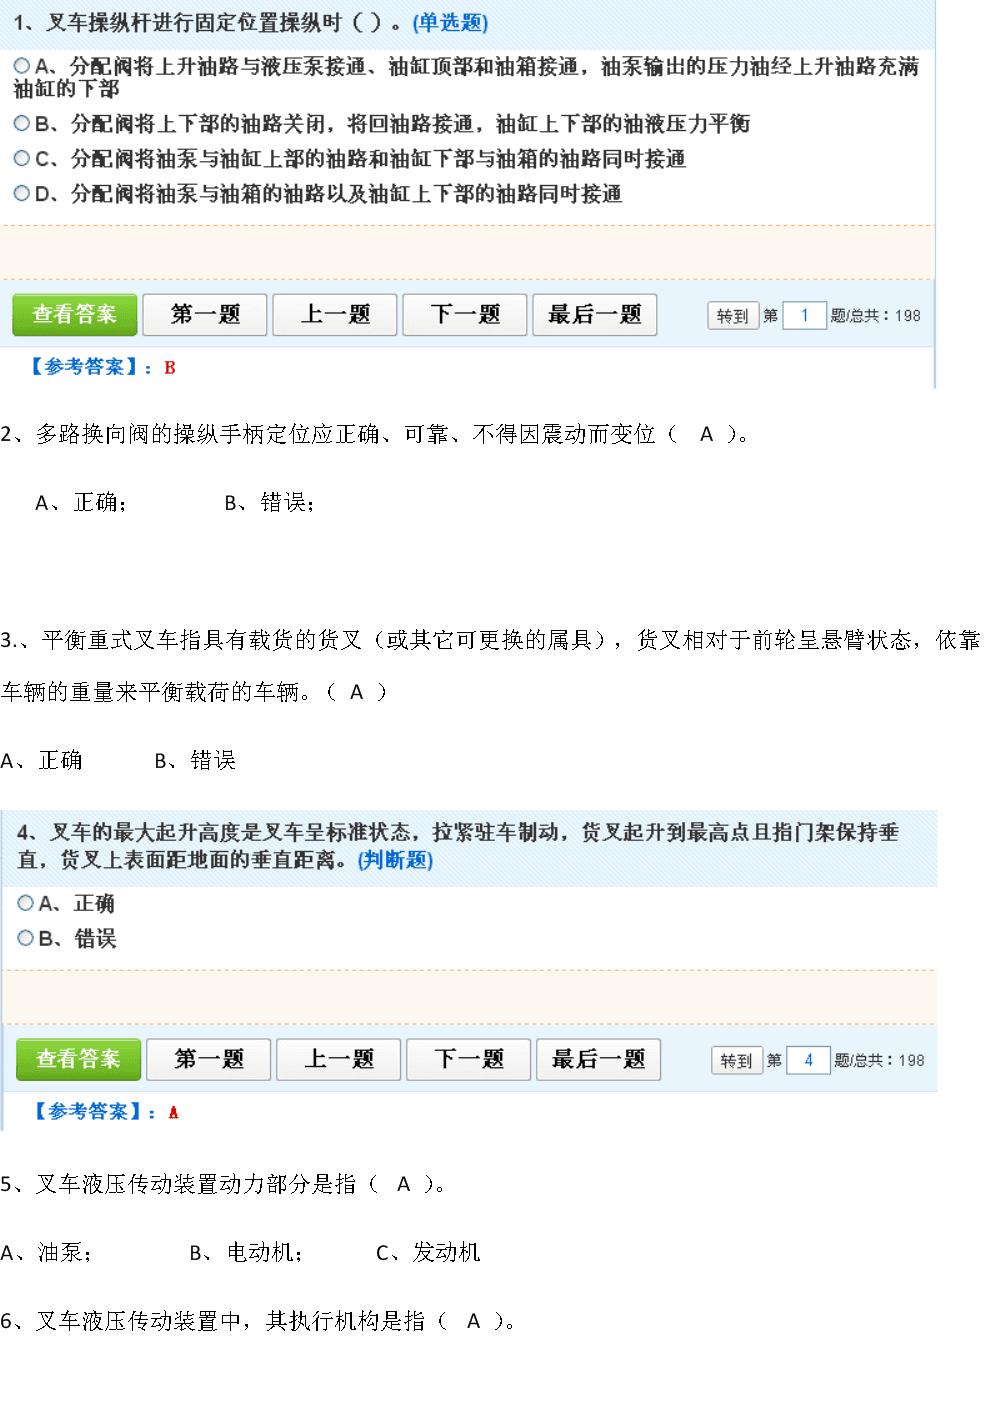 19.叉车培训题库 专业知识.docx